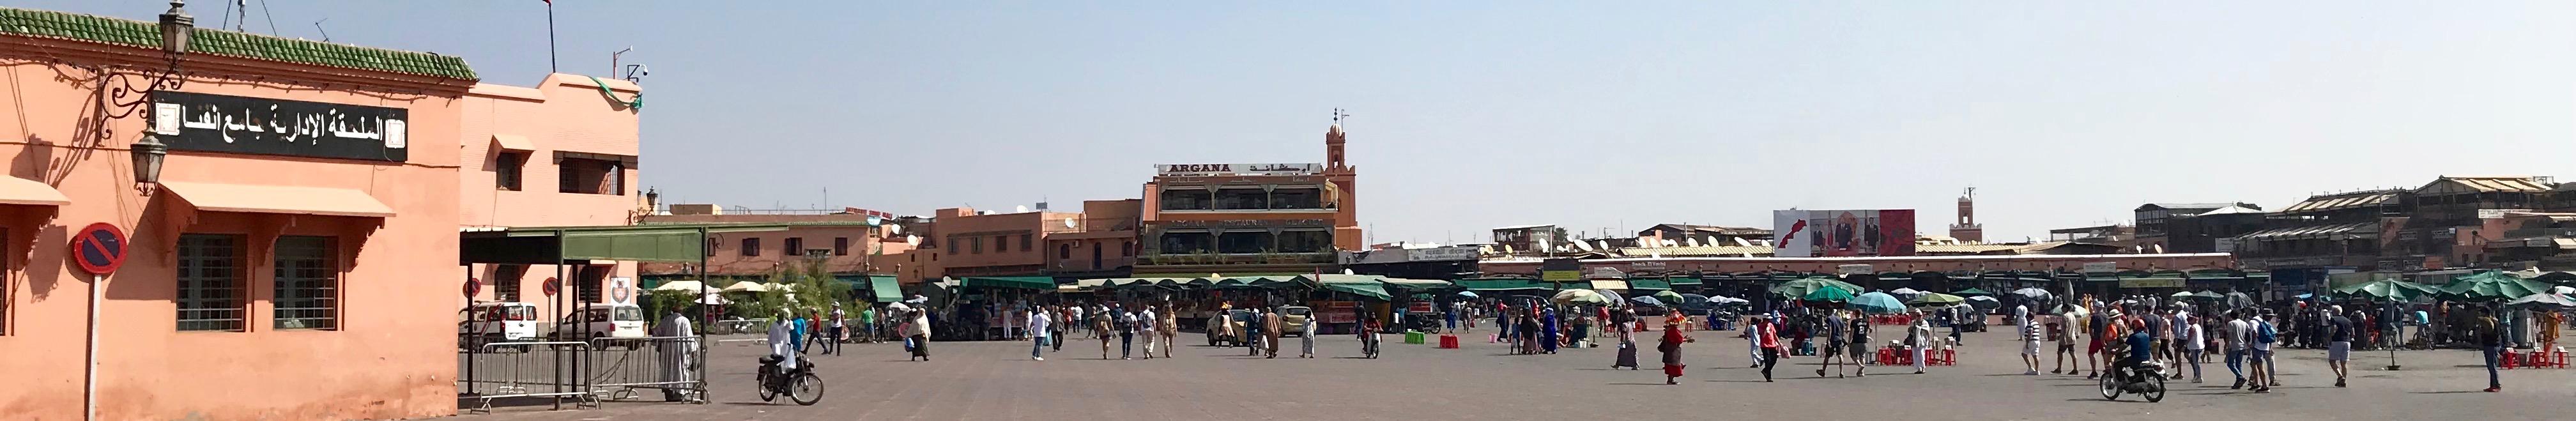 Jemaa el-Fna Square, Marrakech Medina